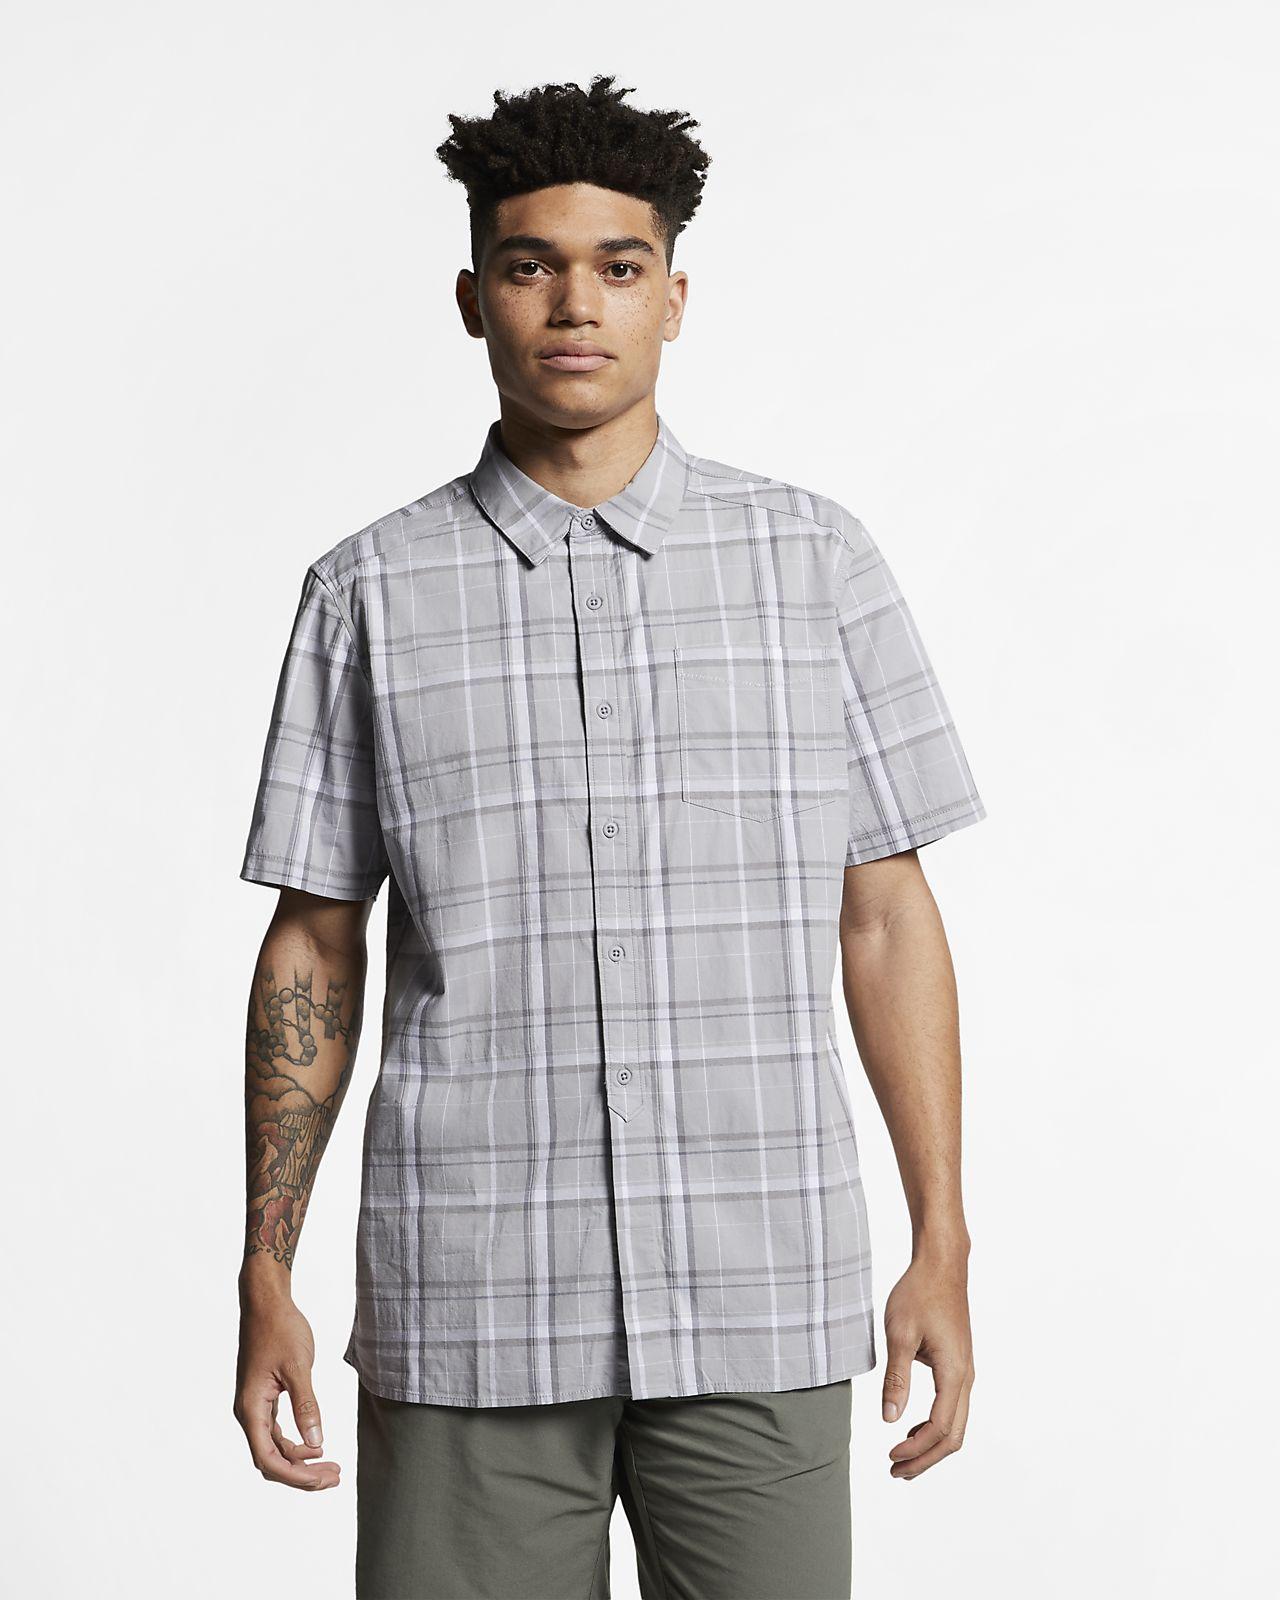 98c520a6f Мужская рубашка с коротким рукавом Hurley Frankie Stretch. Nike.com RU